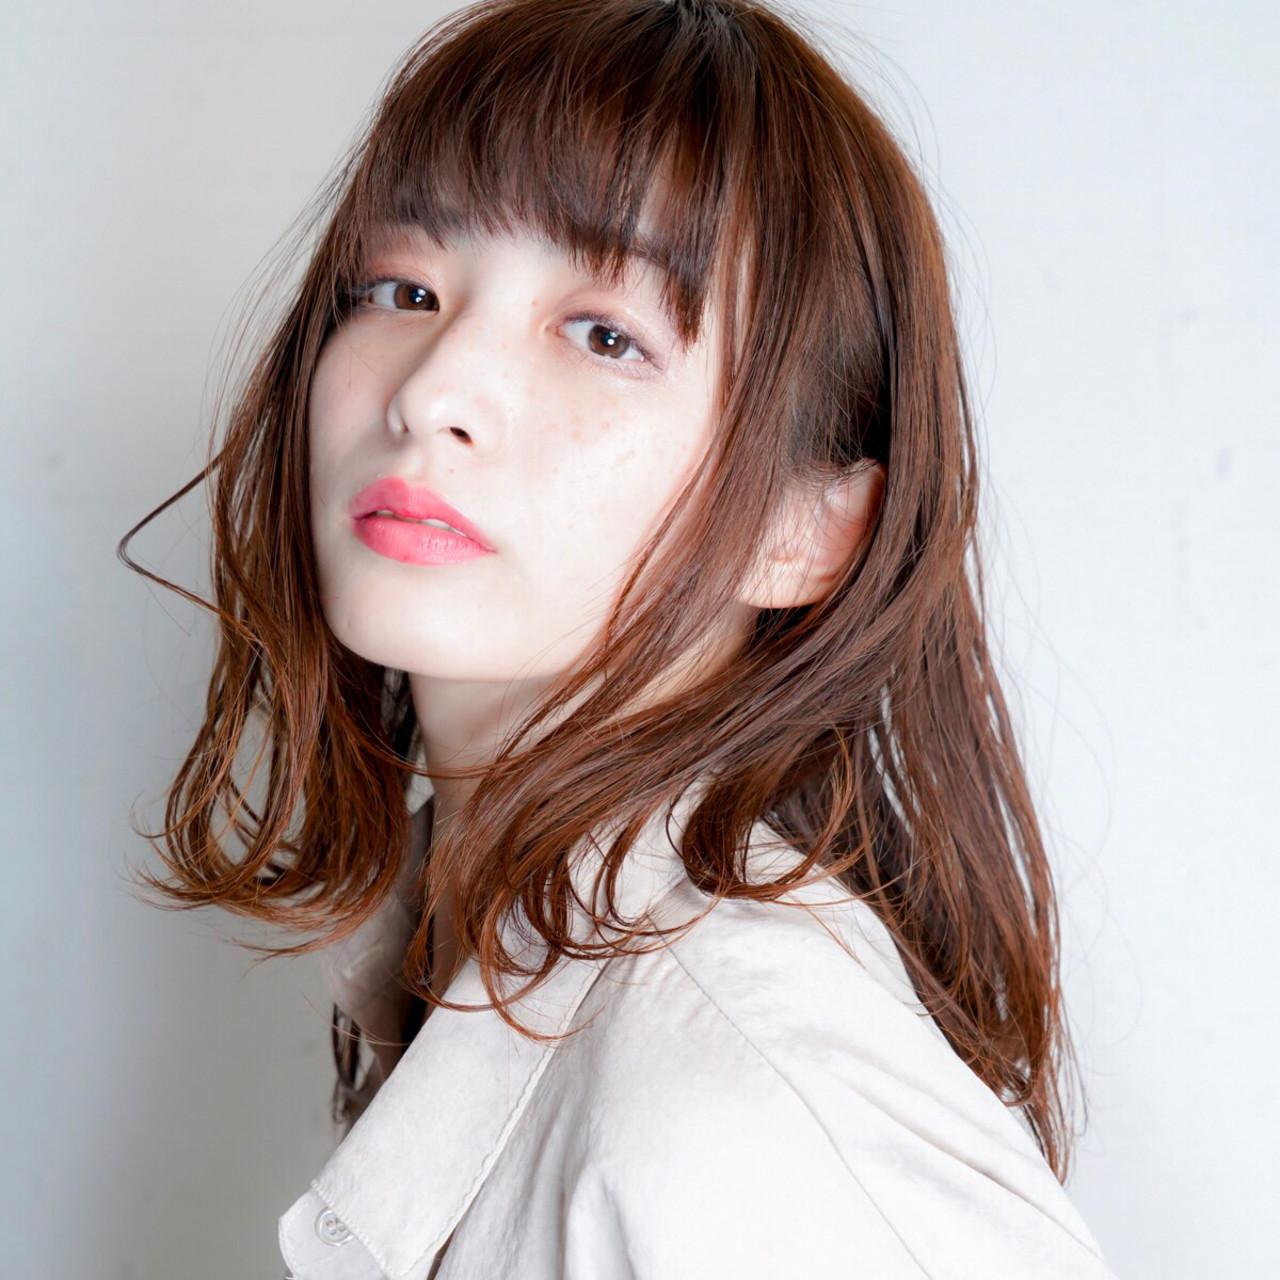 オフィス デート ミディアムヘアー フェミニンヘアスタイルや髪型の写真・画像